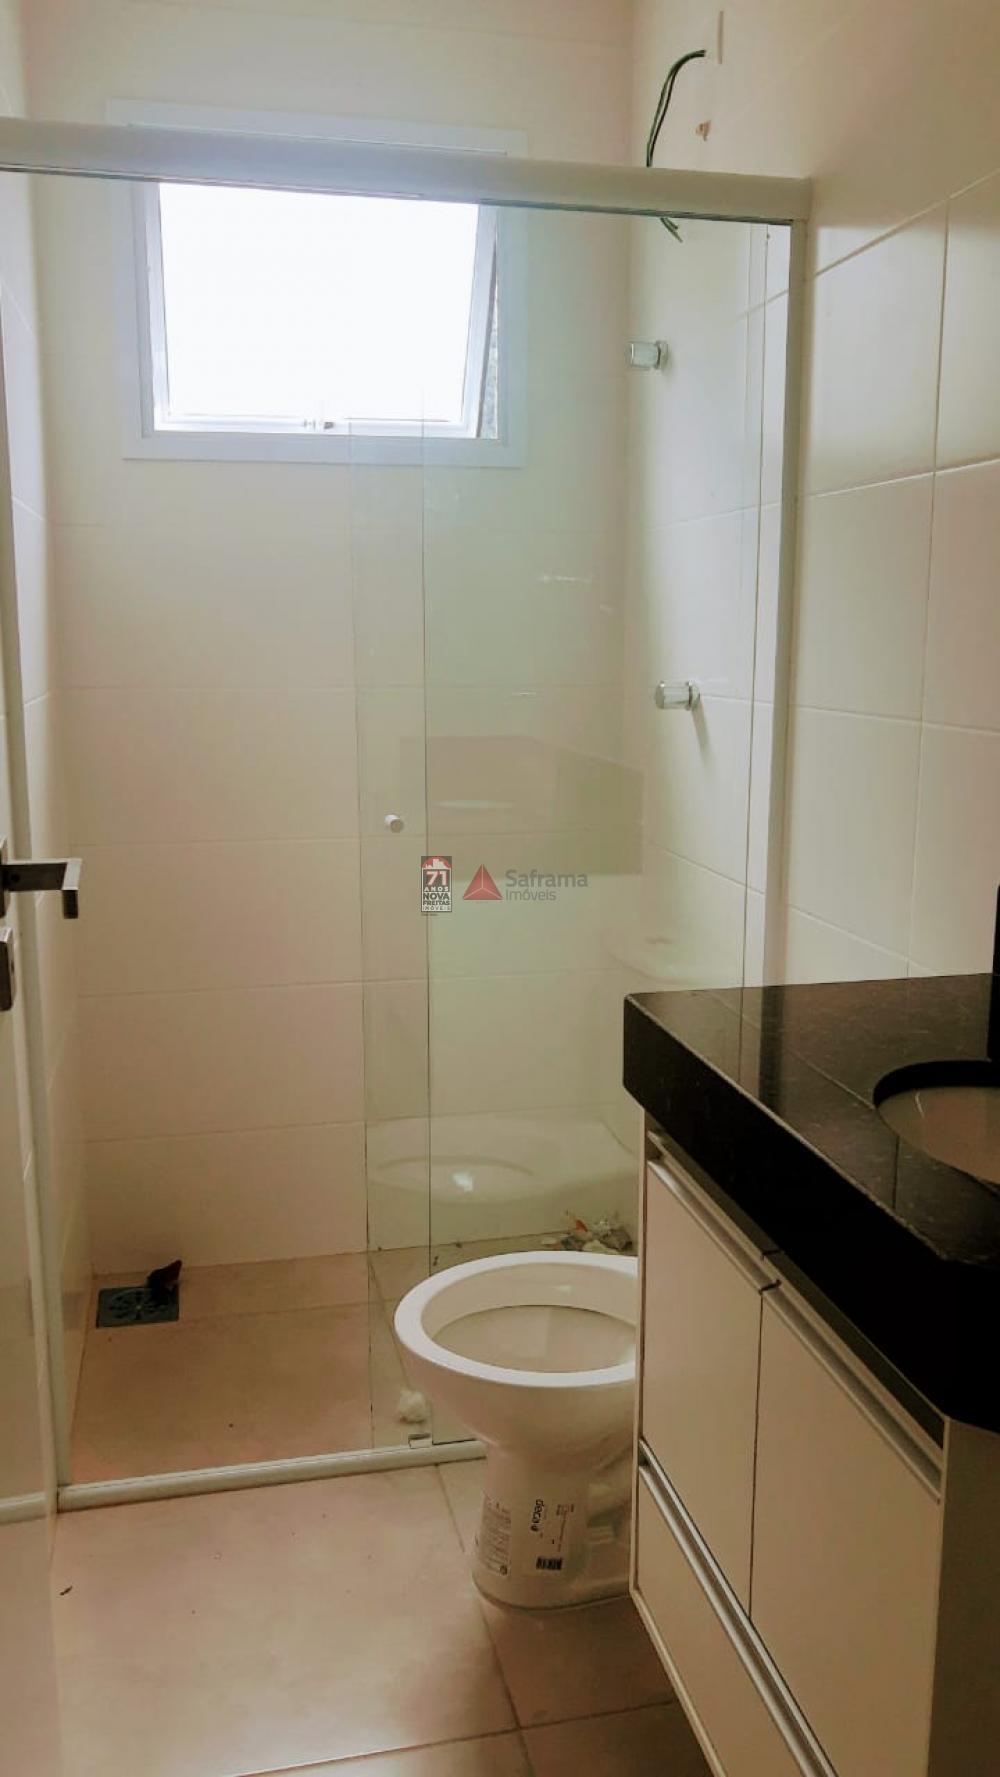 Alugar Apartamento / Padrão em Caraguatatuba R$ 2.200,00 - Foto 13